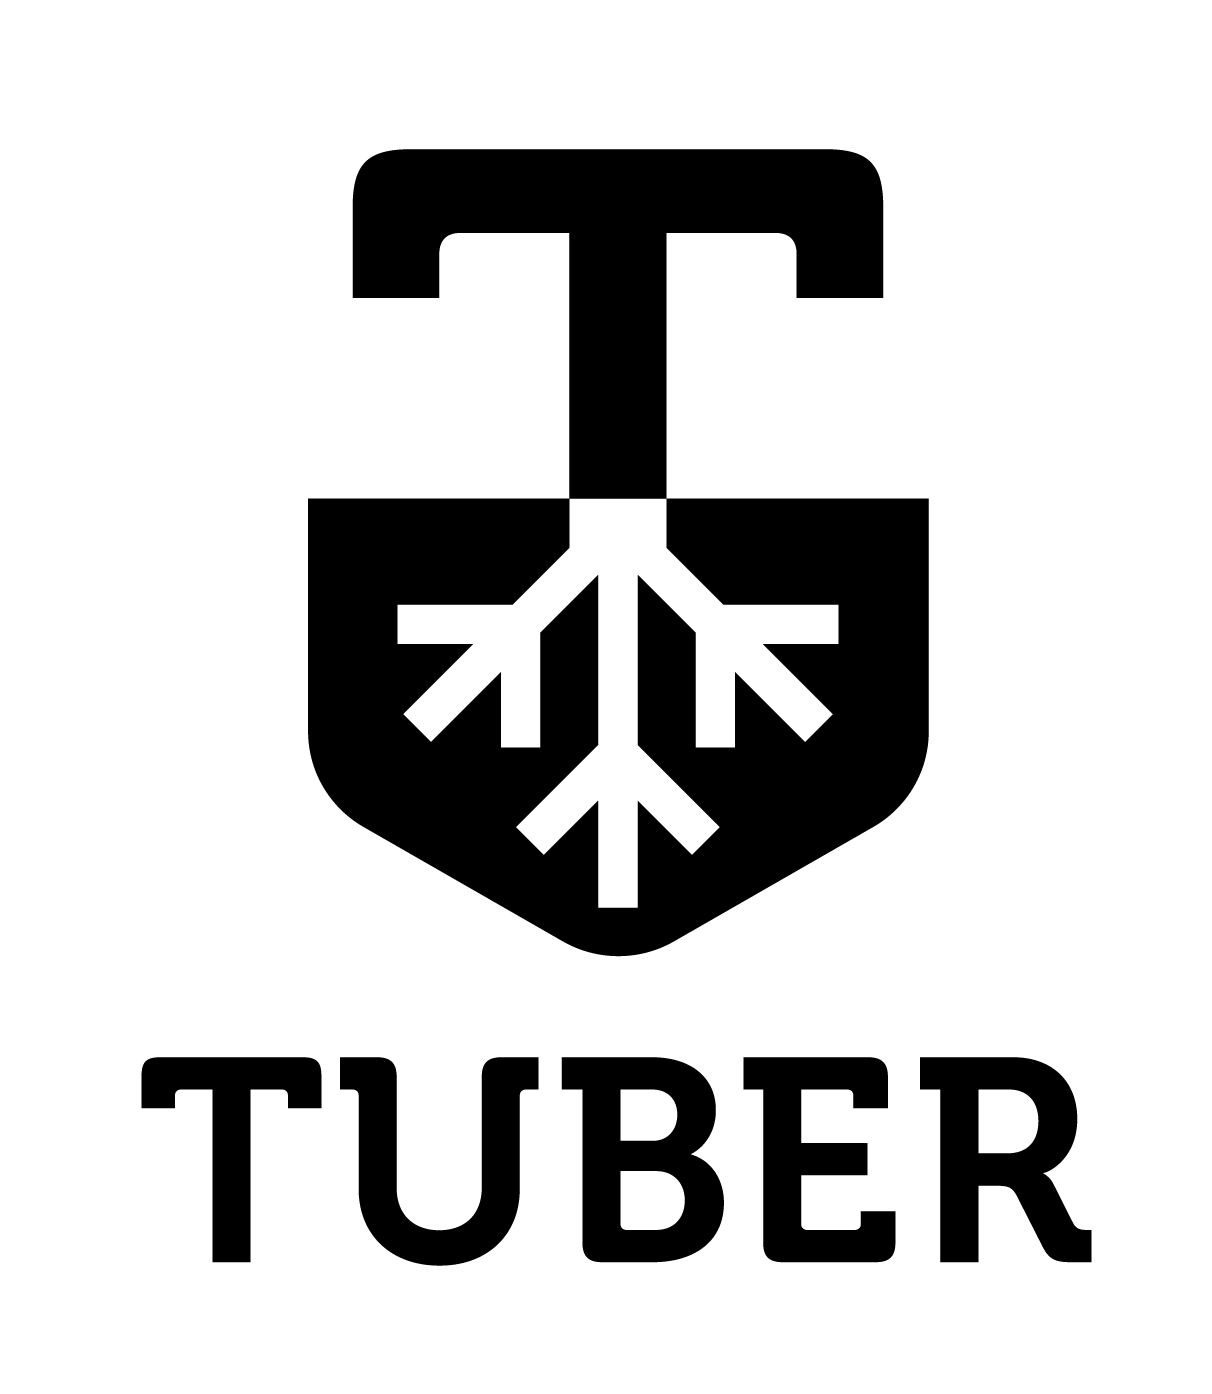 Tubershop